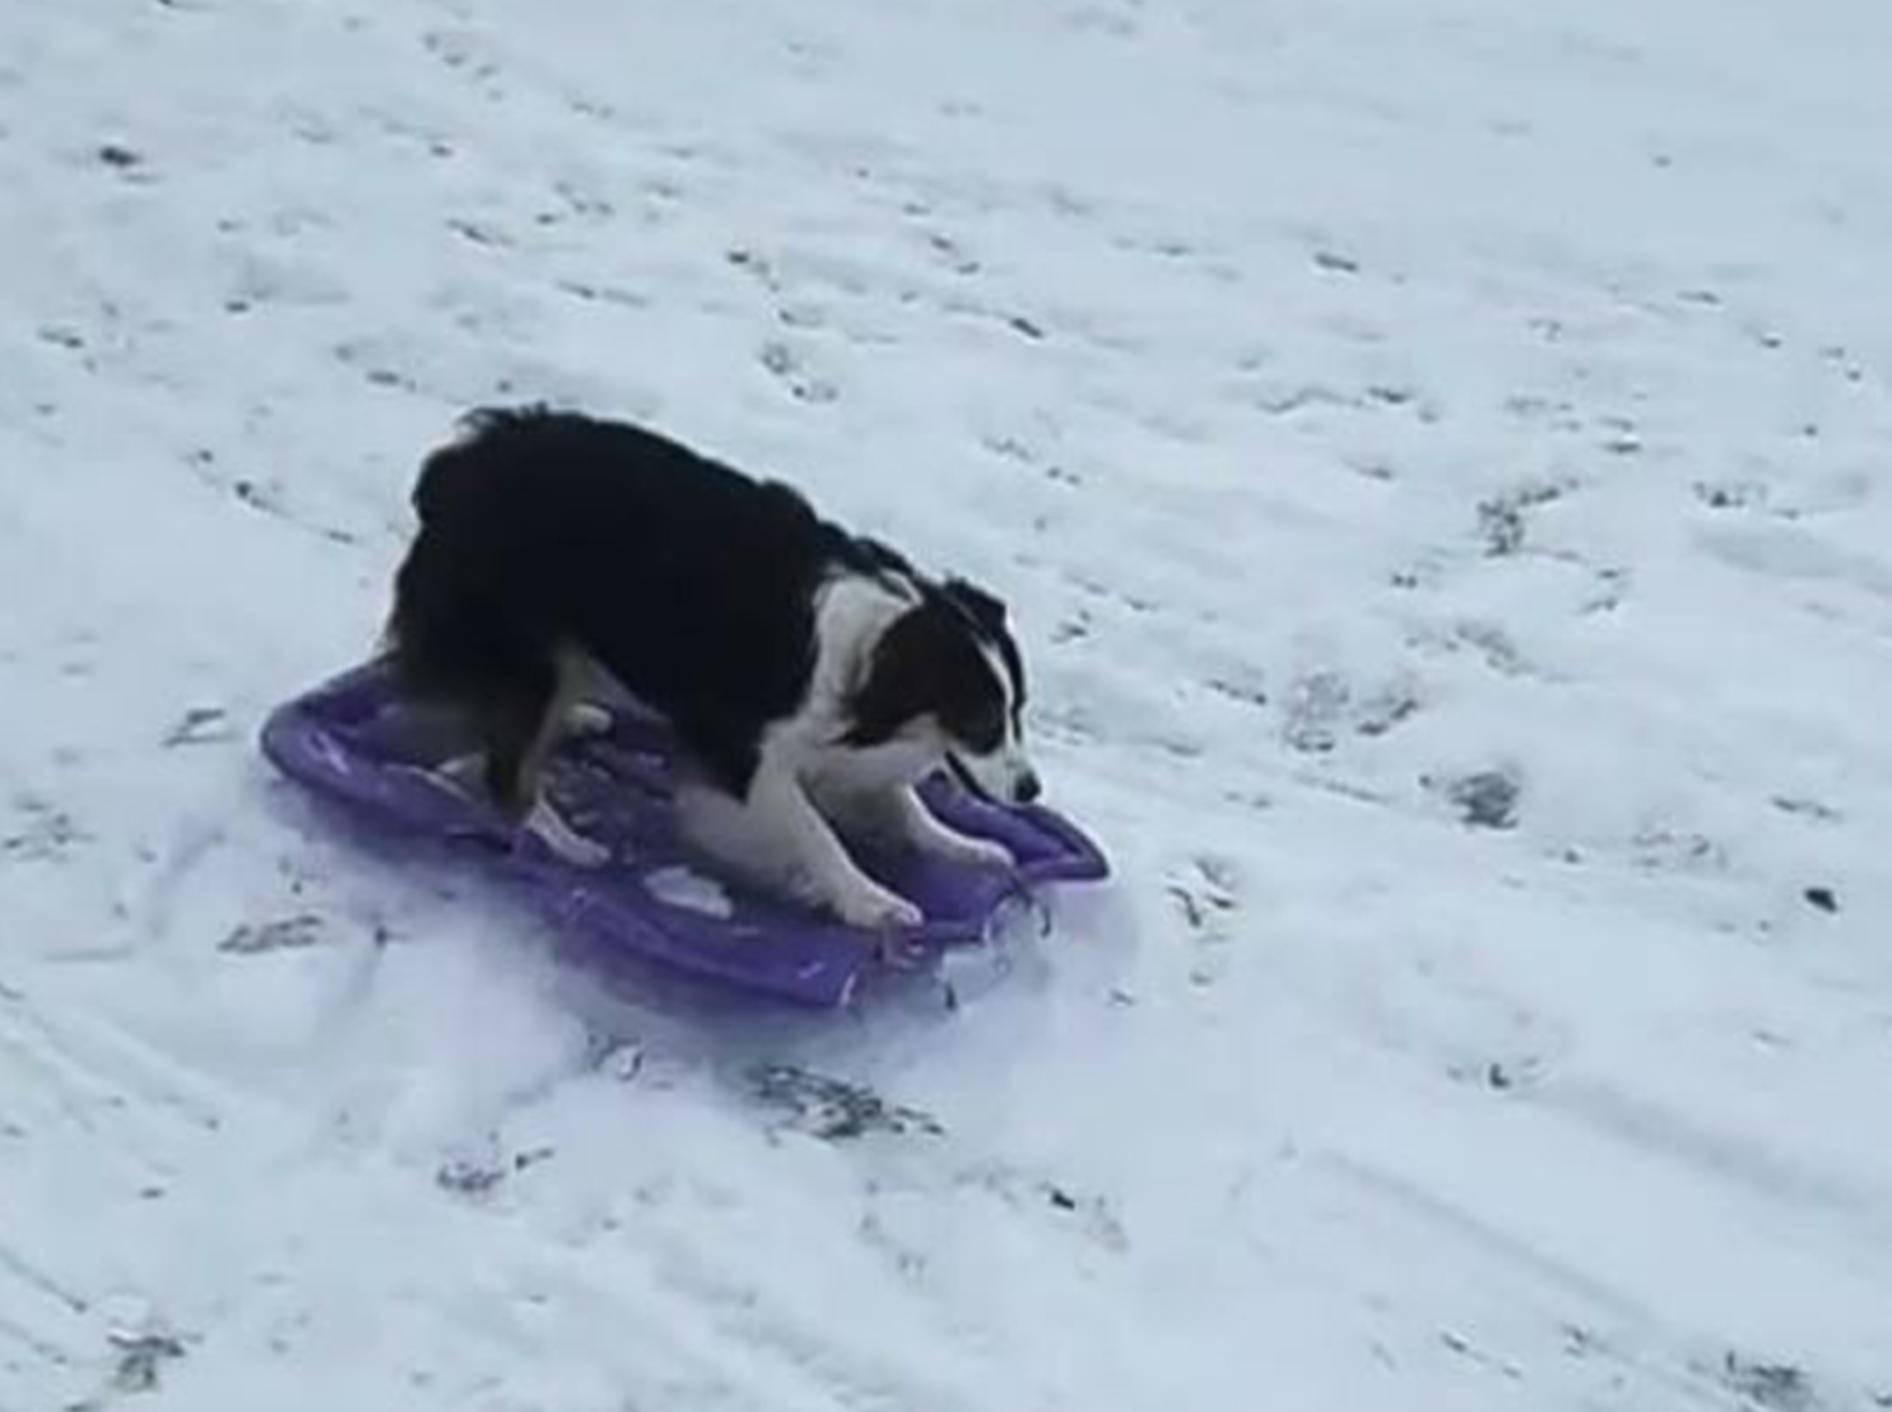 Hund Secret liebt es zu rodeln - Bild: YouTube / USA TODAY